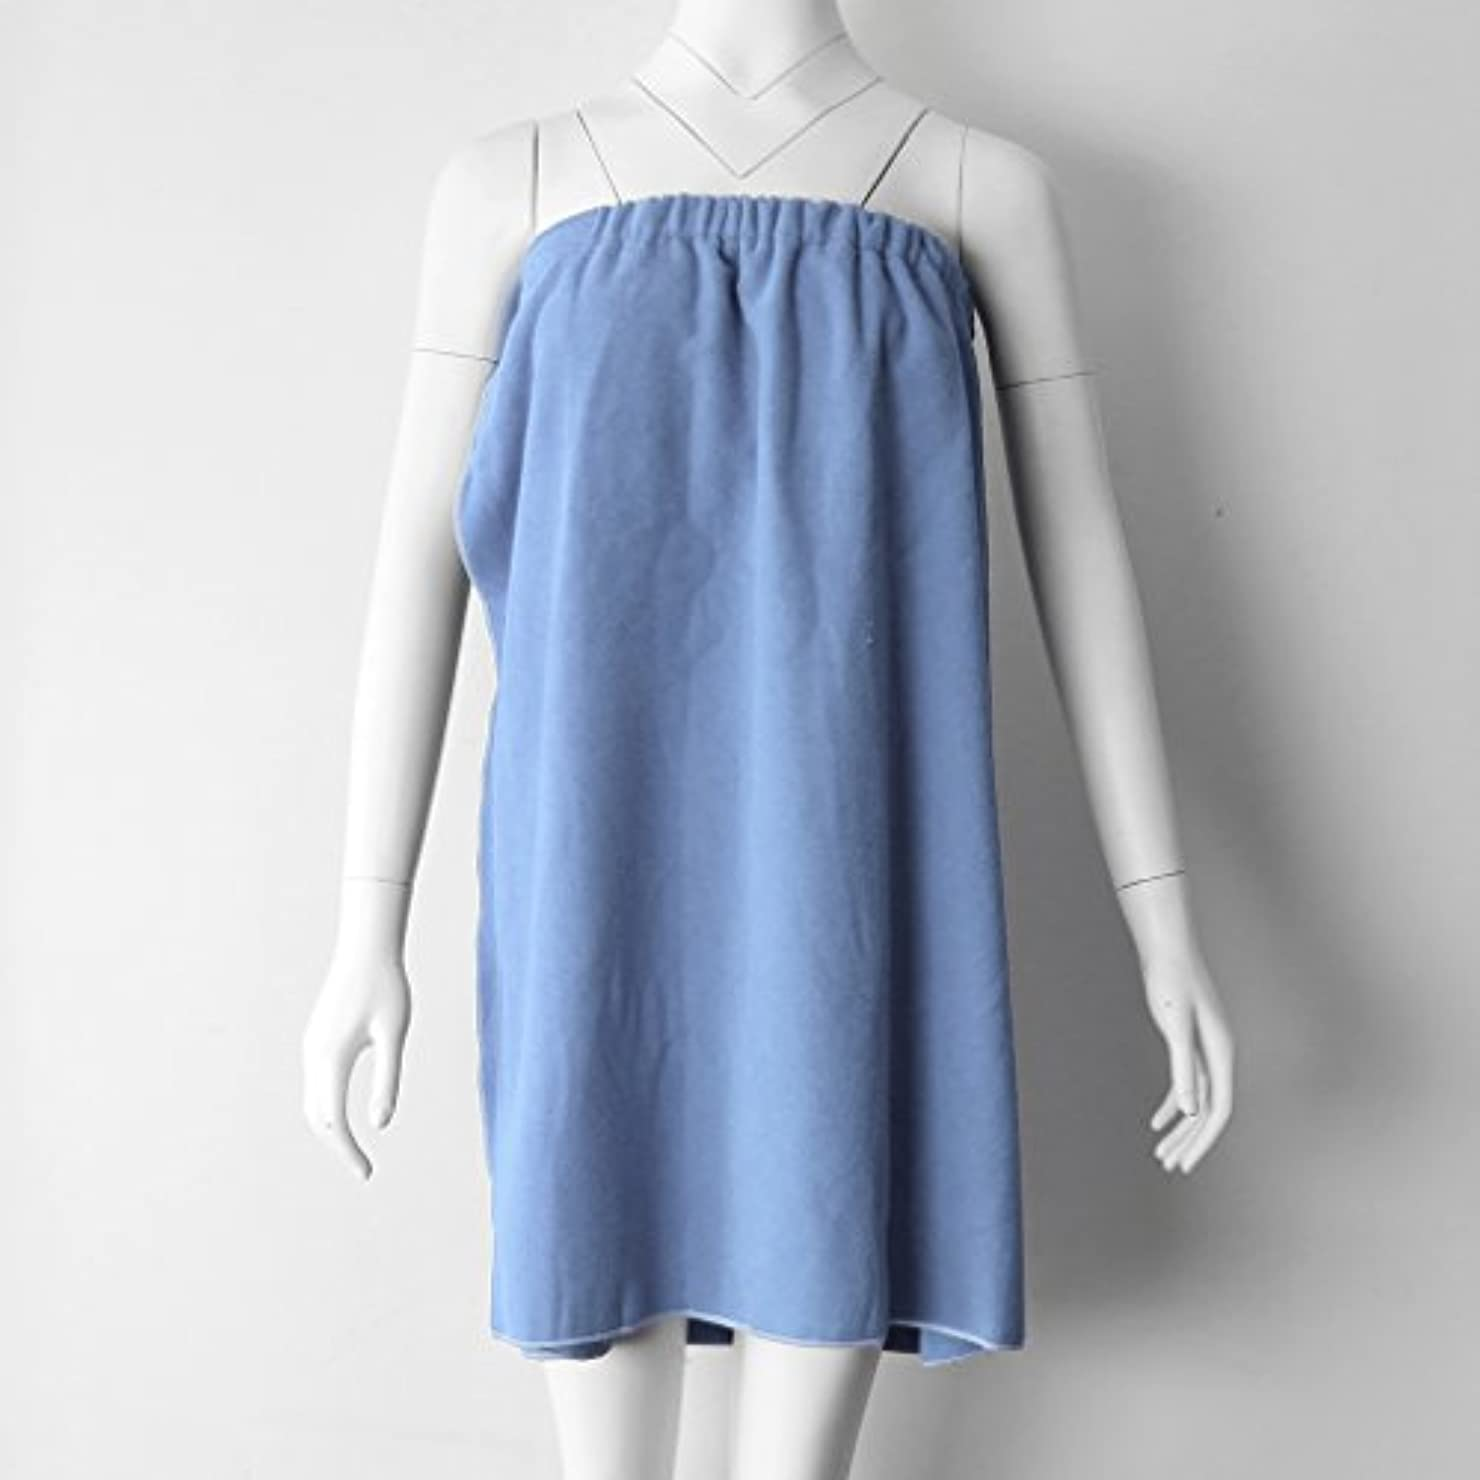 議題コピー移植タオルラップ バスタオル バススカート レディース シャワーラップ 約68×54cm 4色選べる - ライトブルー